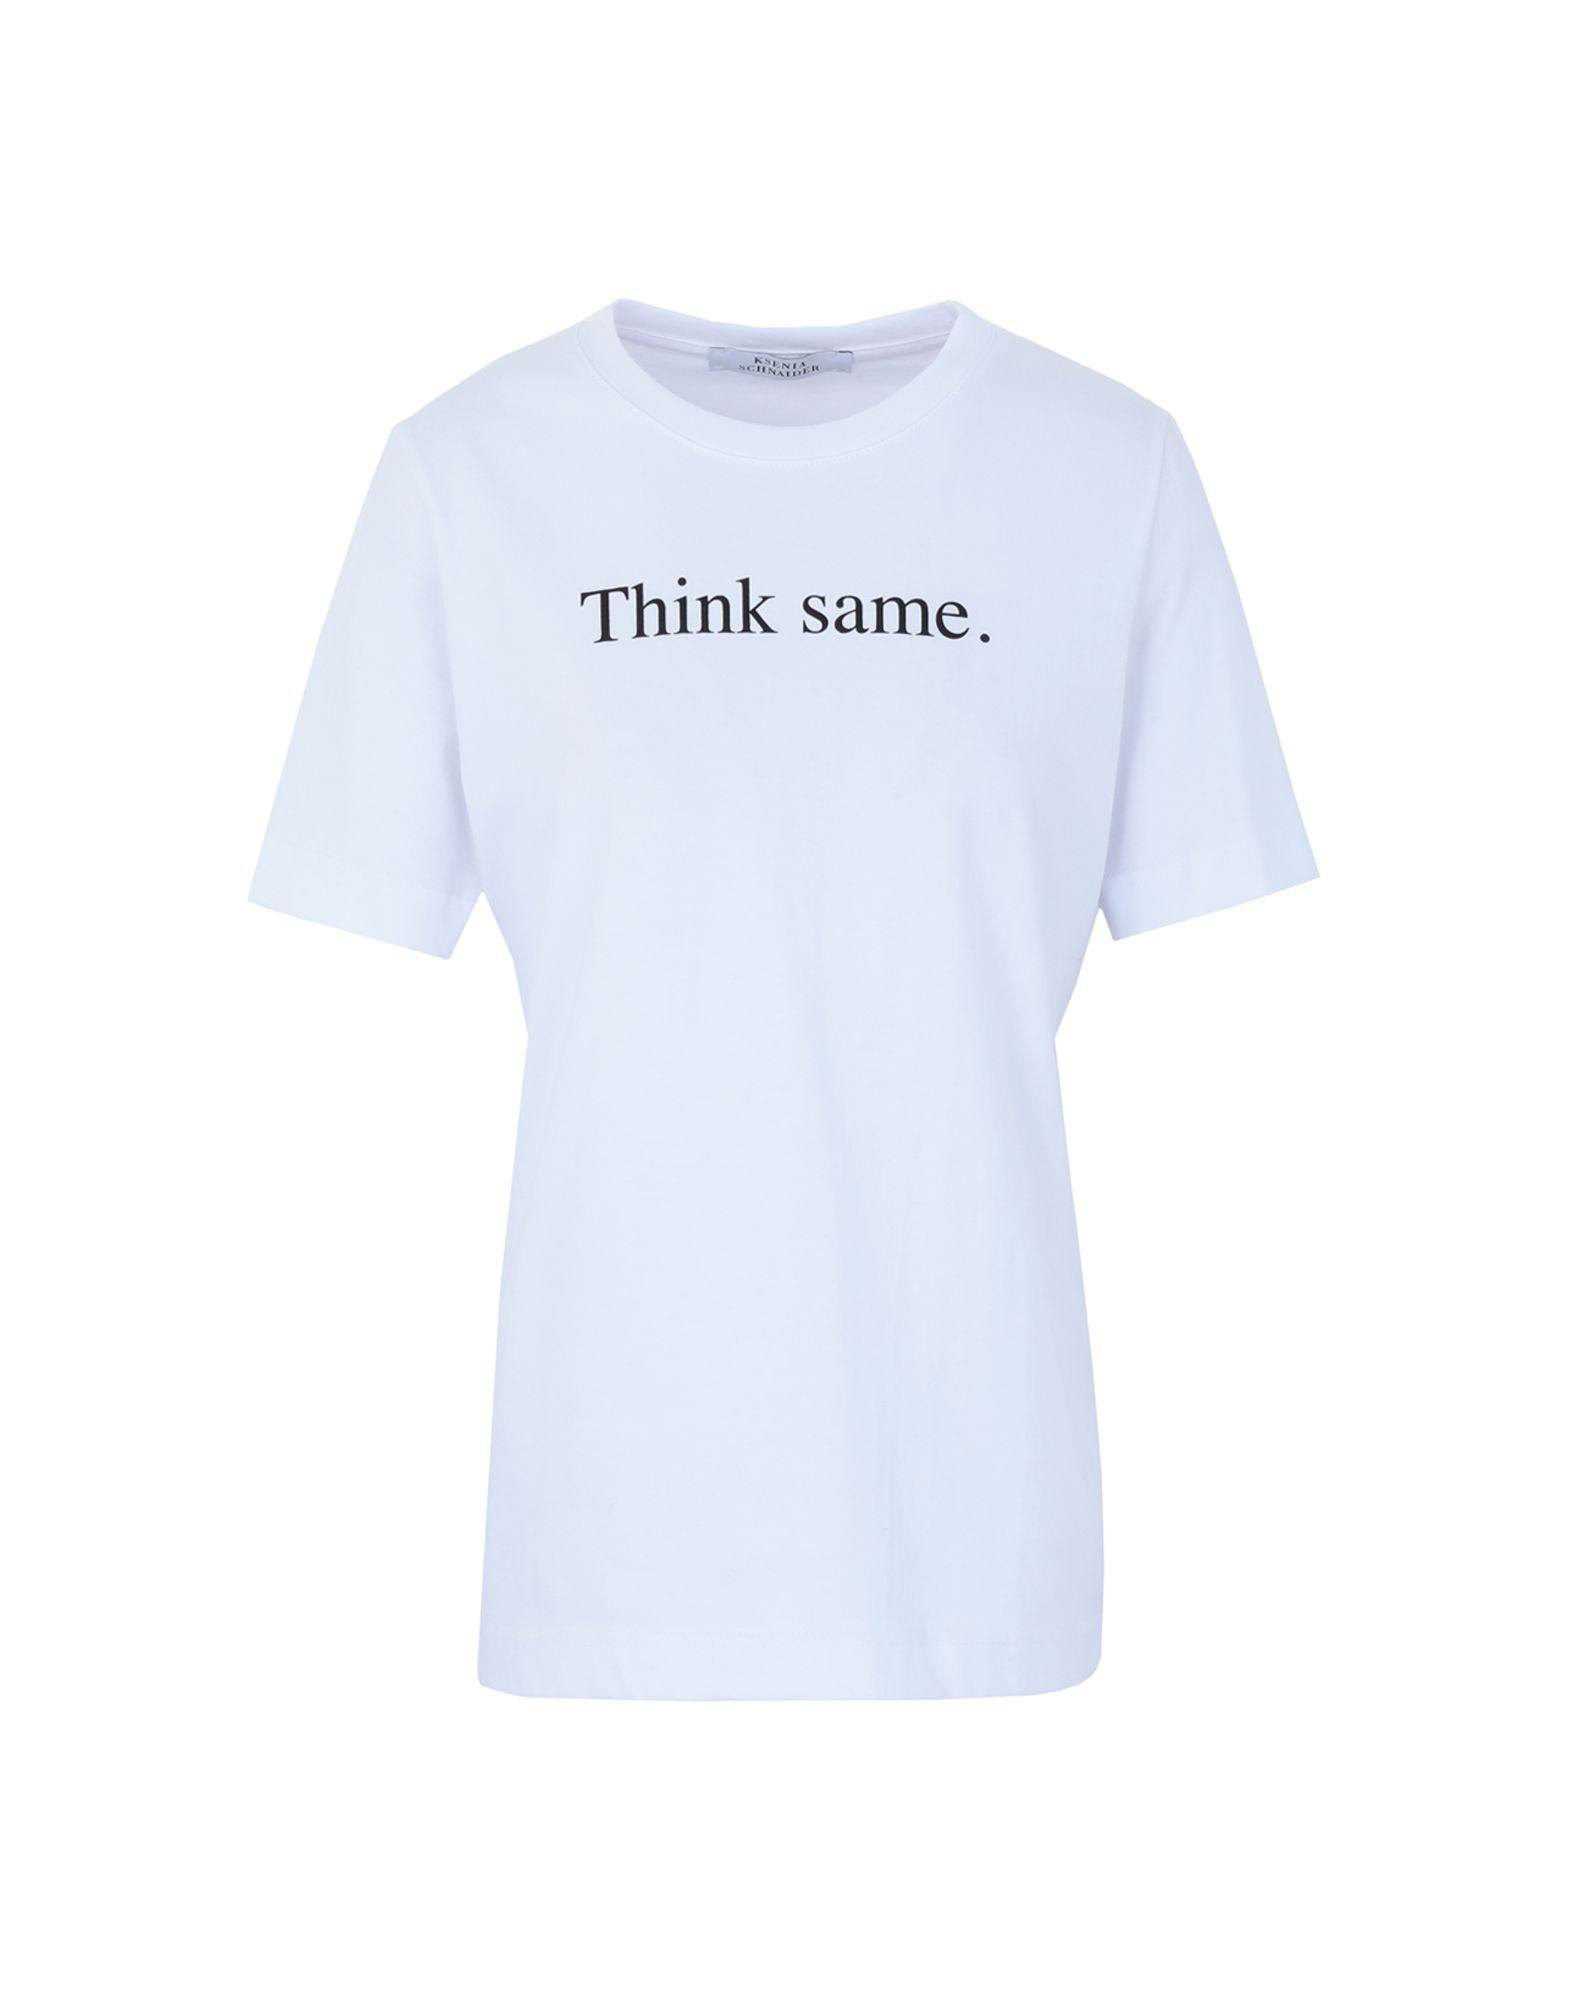 T-Shirt Ksenia Schnaider donna donna donna - 12343787OP be7